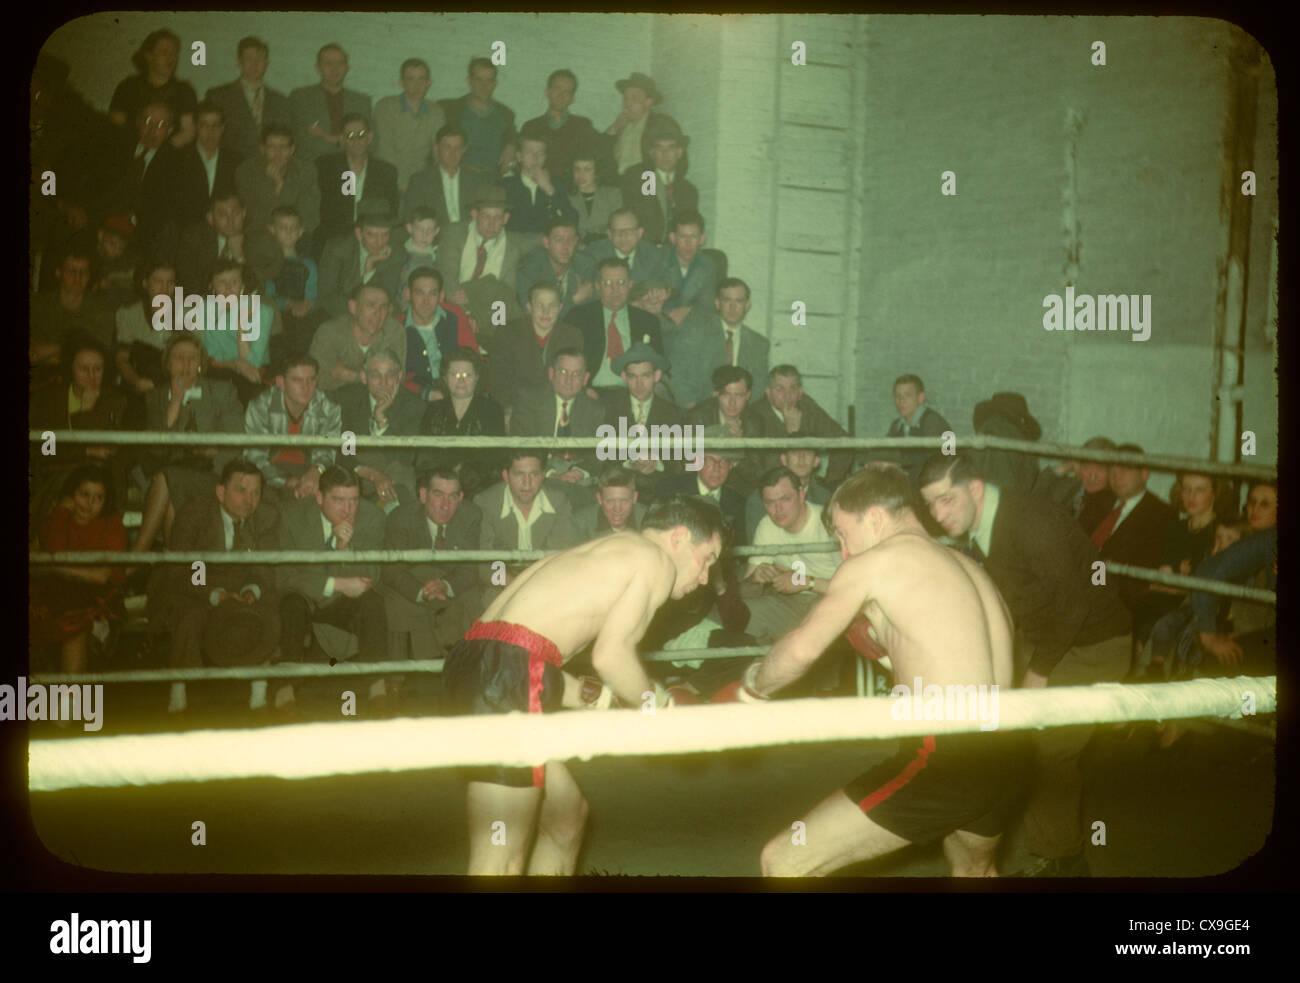 Incontro di boxe sport 1950 boxer sbarco punzone di soffiaggio color kodachrome fighters fighting lotta ring pubblico Immagini Stock